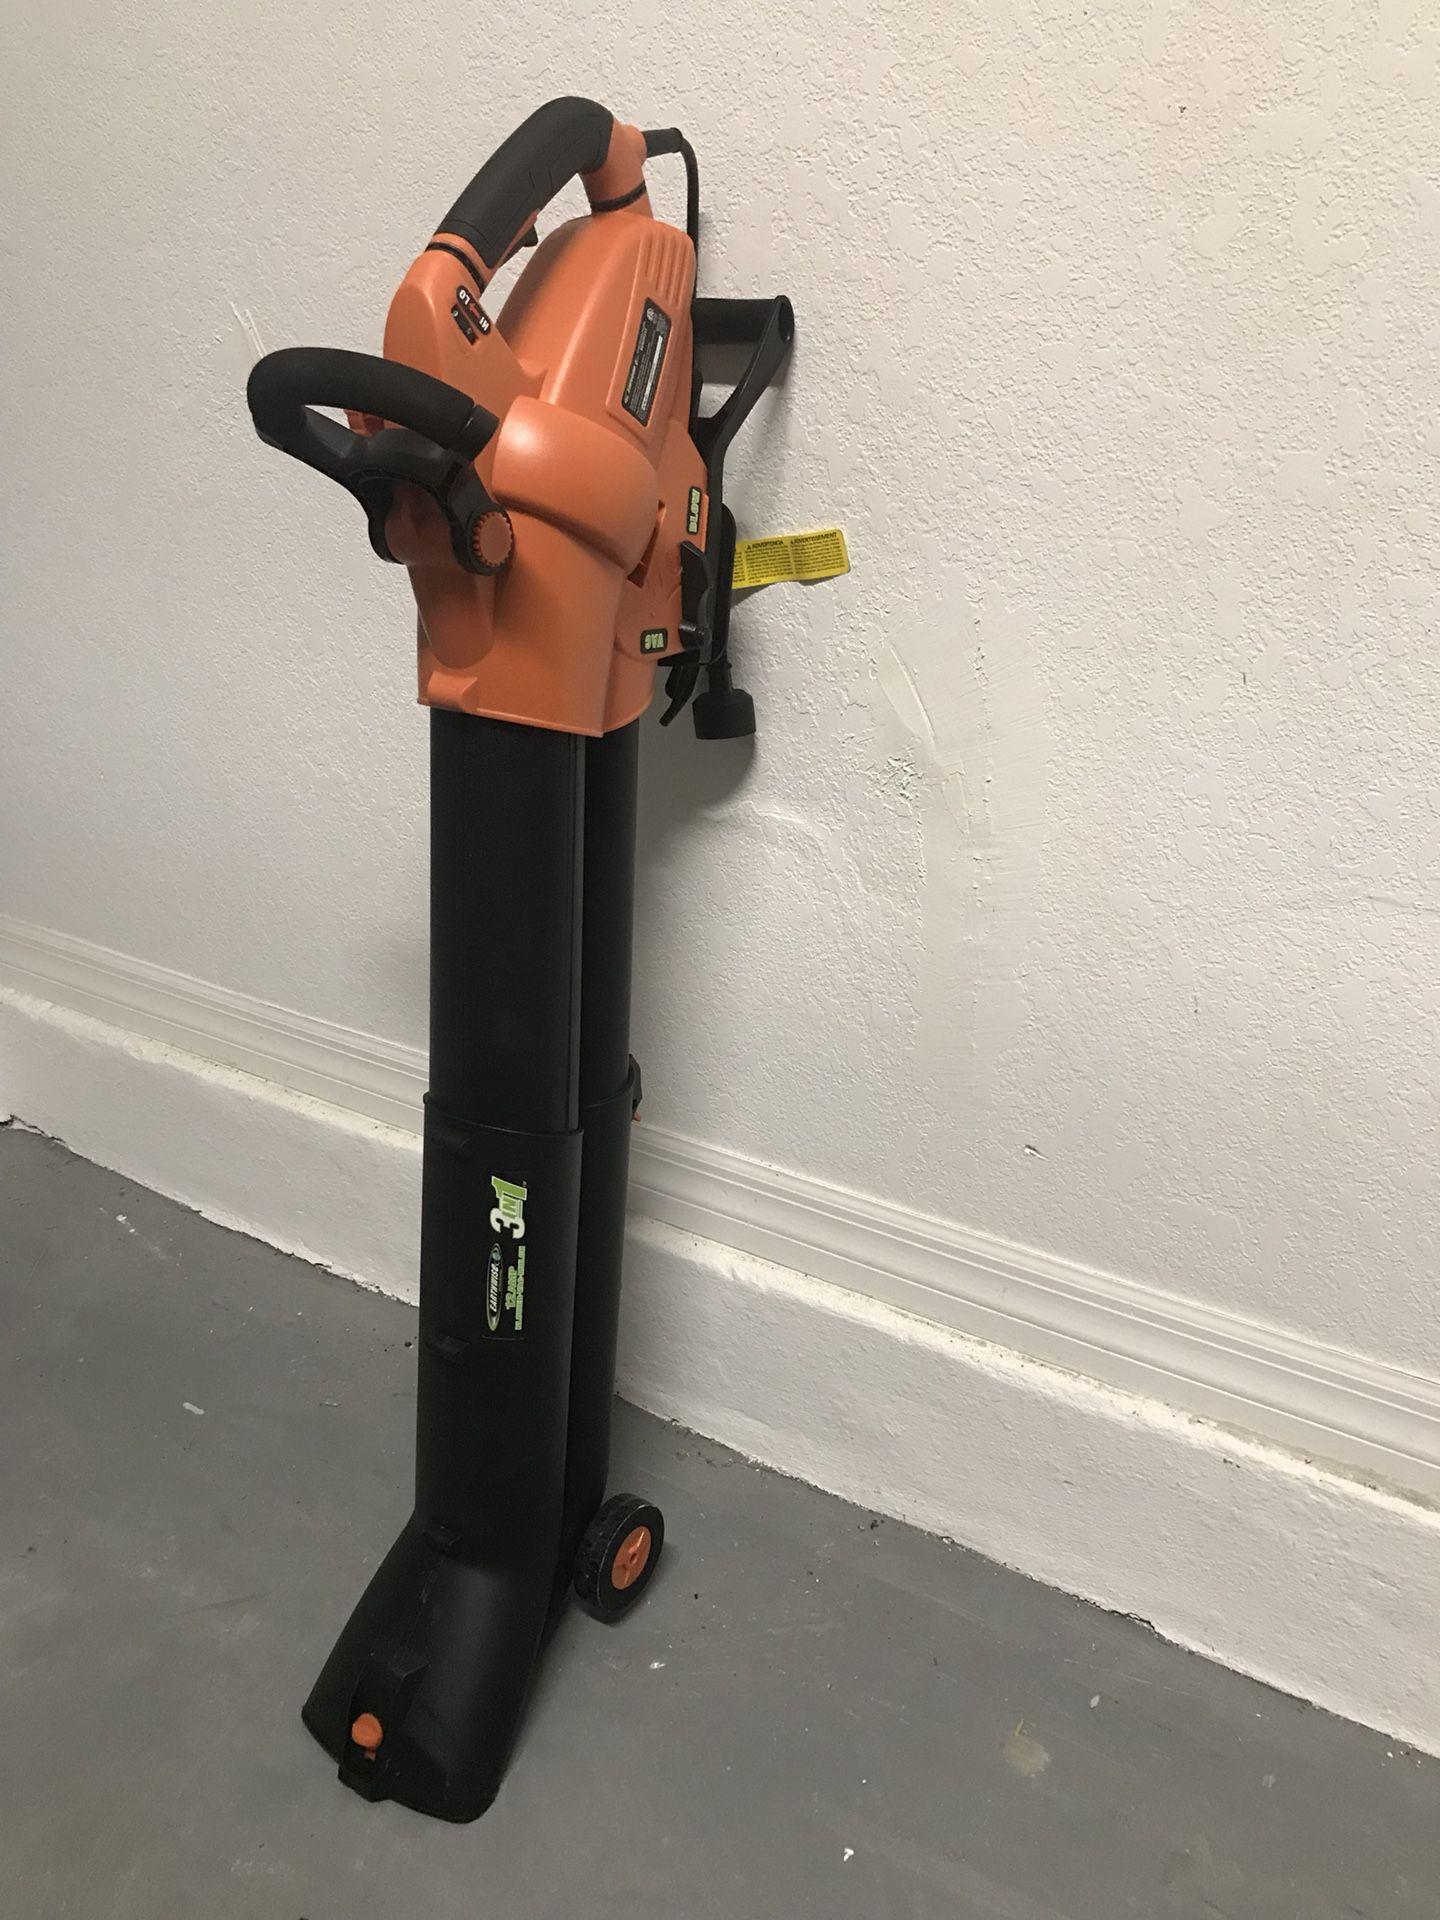 Blower, Vacuum and Mulch 3 in 1